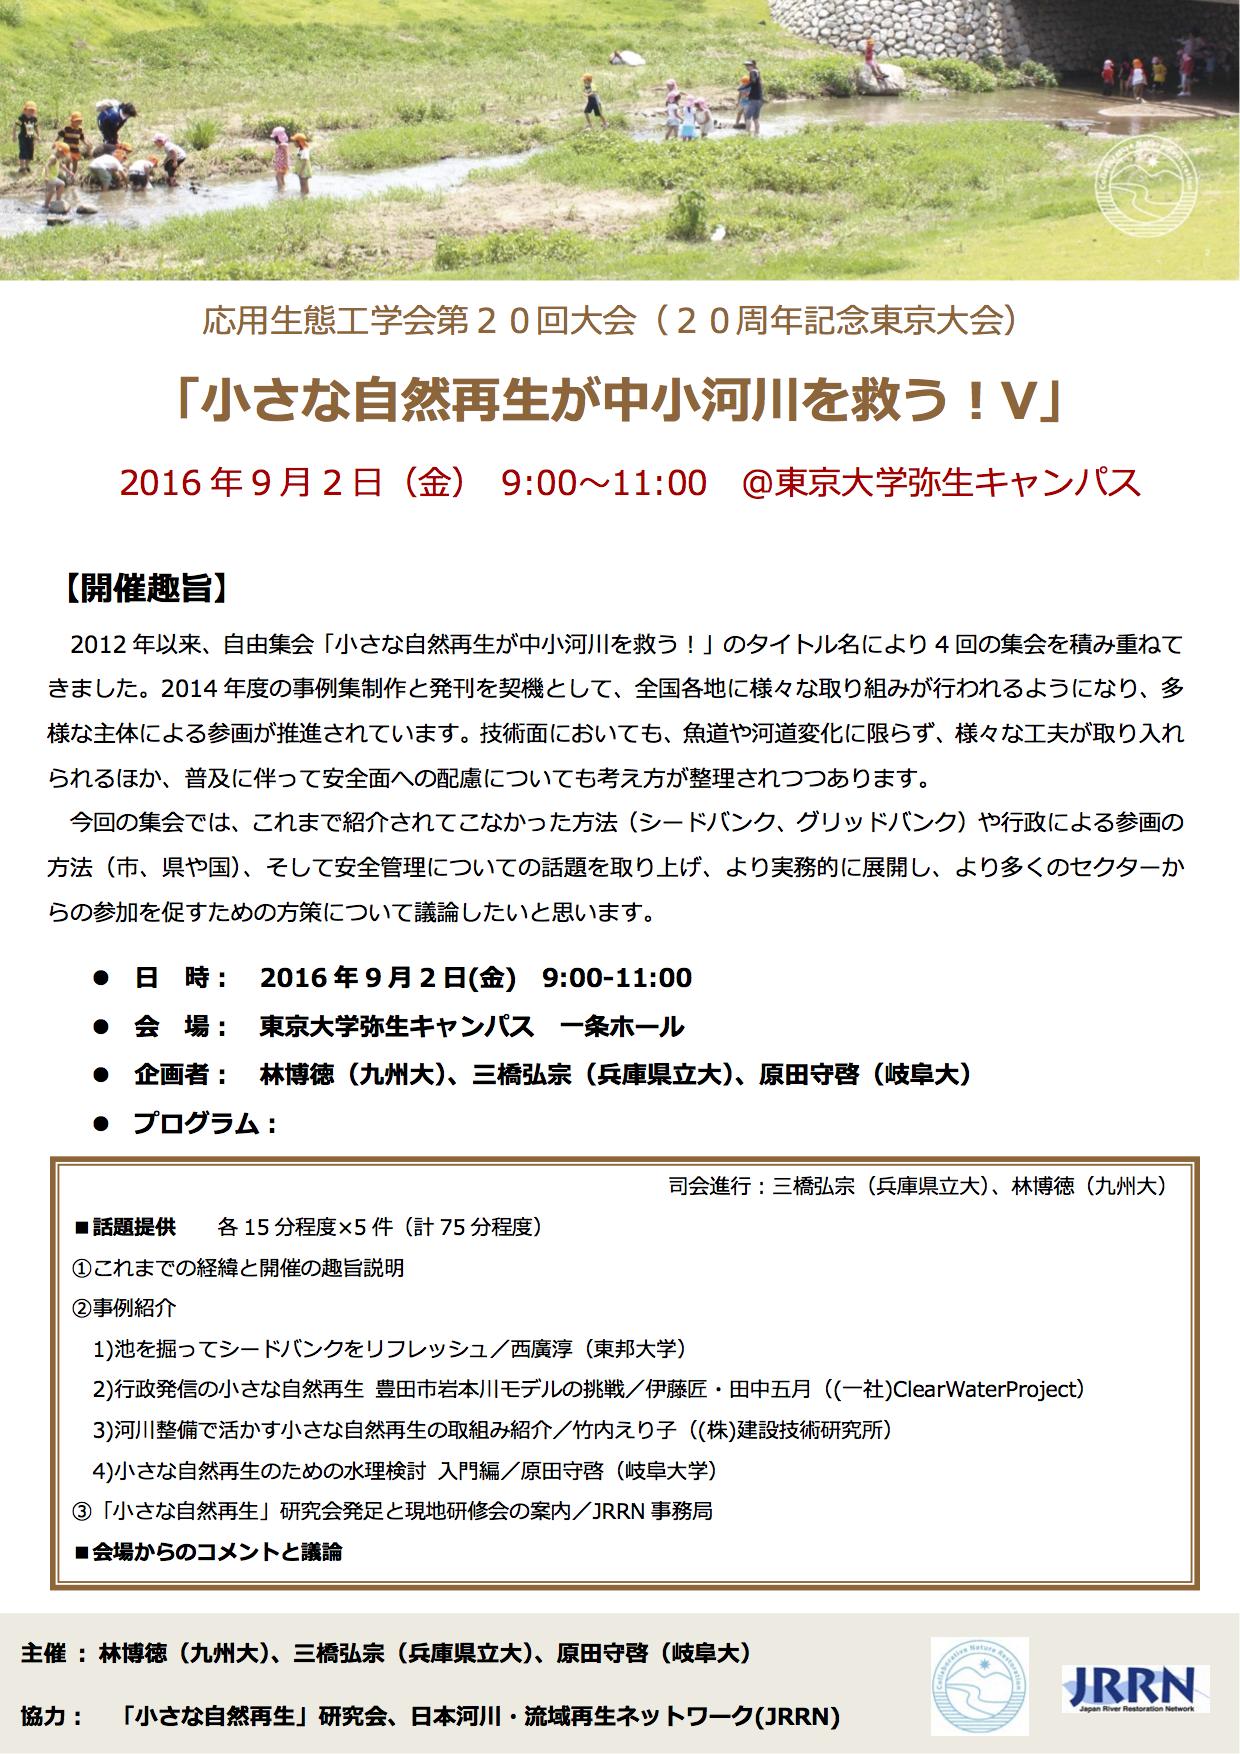 岩本川の取り組み 「応用生態工学会第20回大会」にて発表